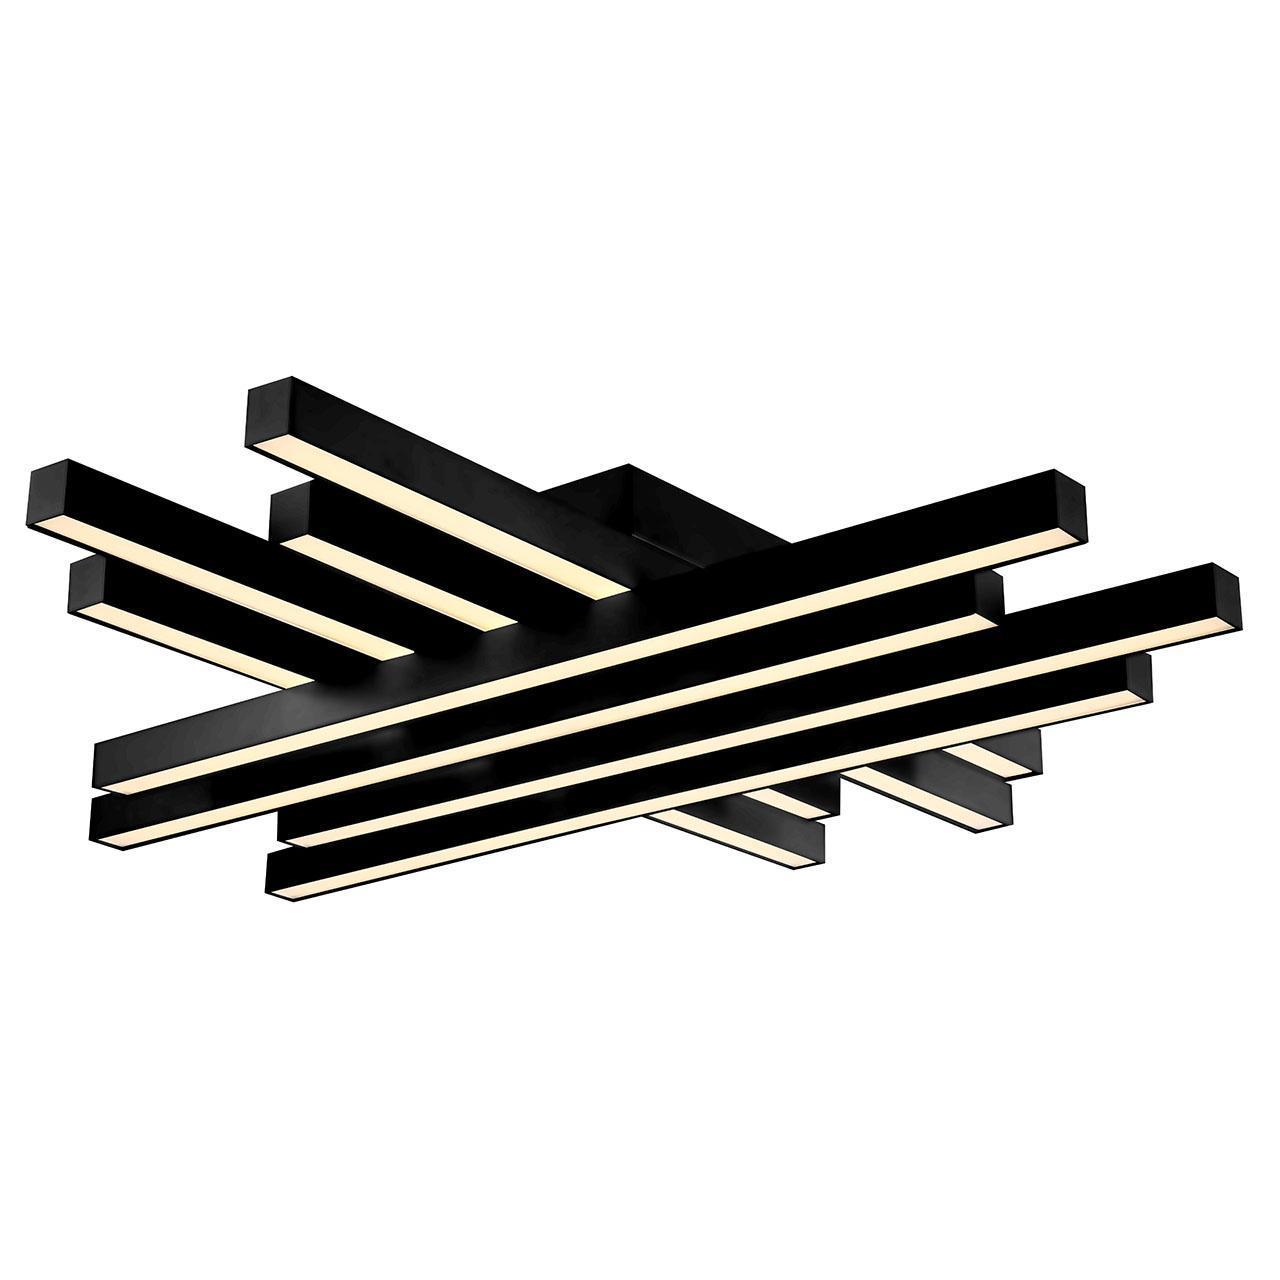 Потолочный светодиодный светильник Horoz Trend черный 019-009-0085 подвесной светодиодный светильник horoz asfor черный 019 011 0085